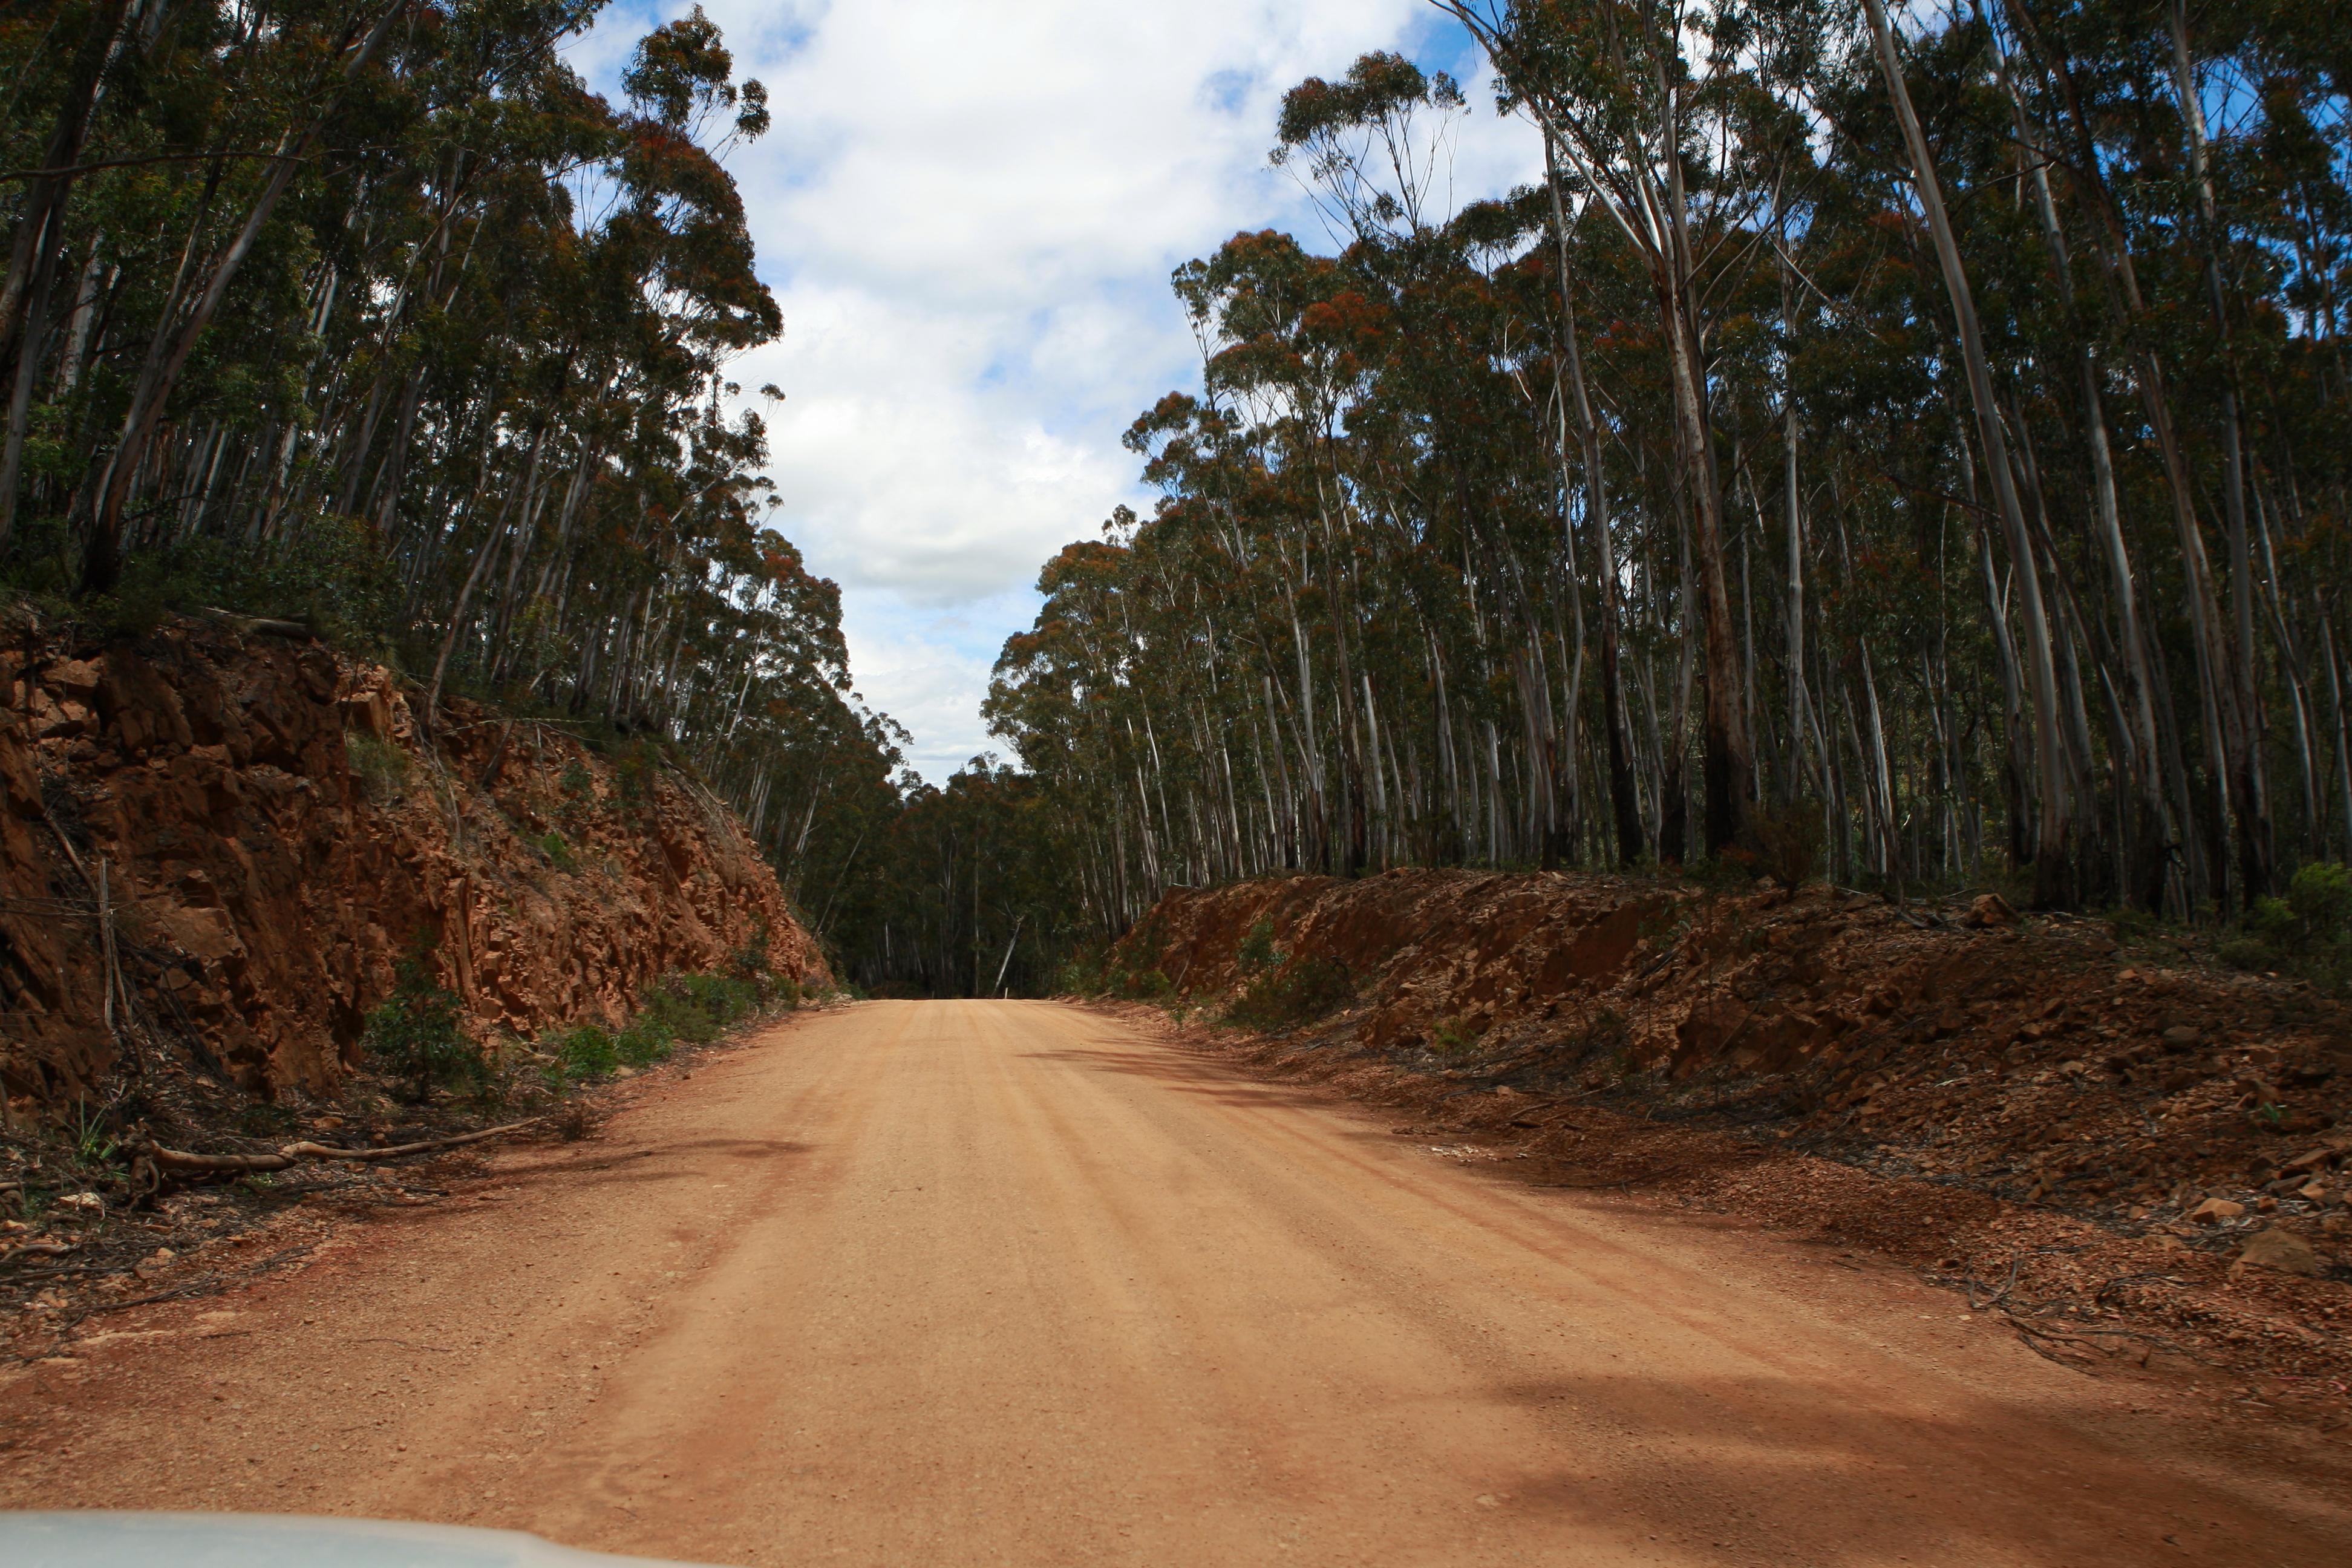 Australia_Outback_40